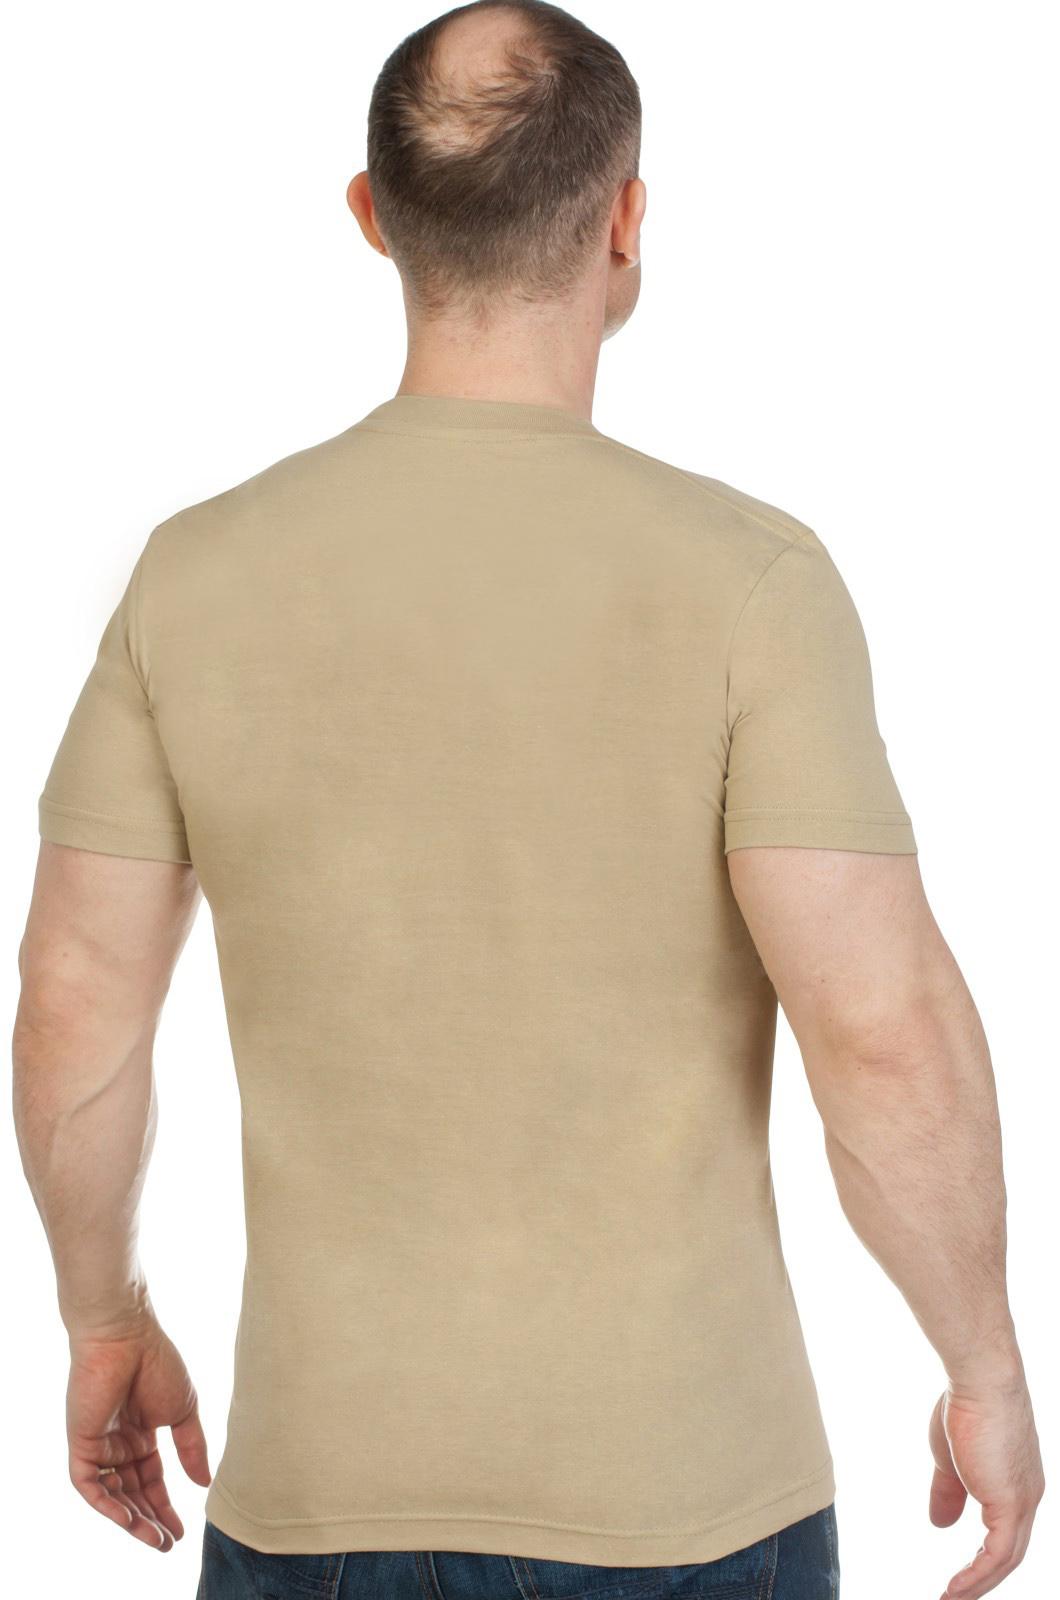 Лаконичная мужская футболка с вышитым полевым шевроном Новороссия - купить в розницу